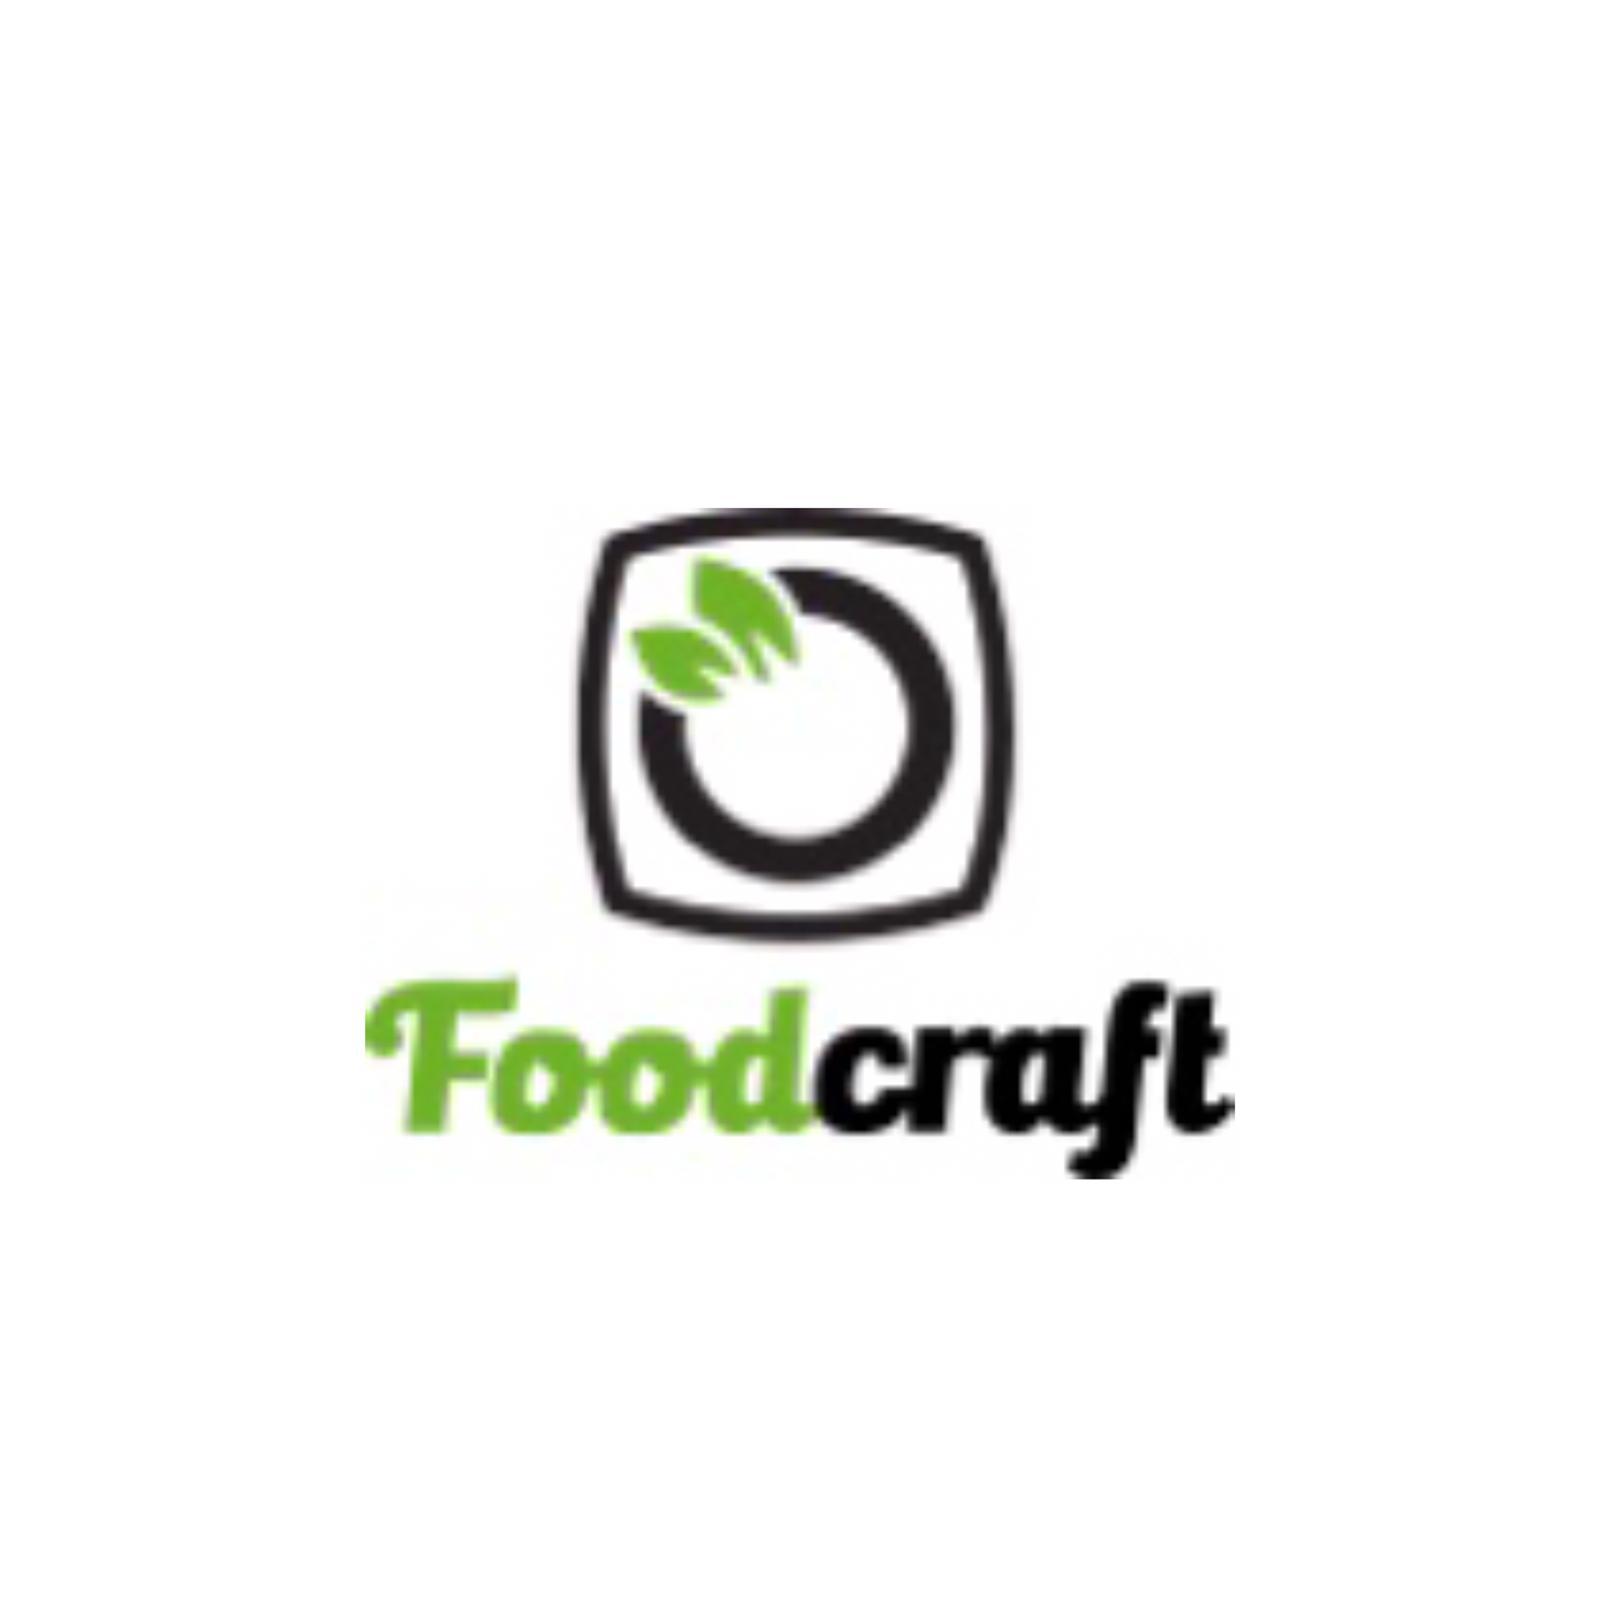 Das Foodcraft logo